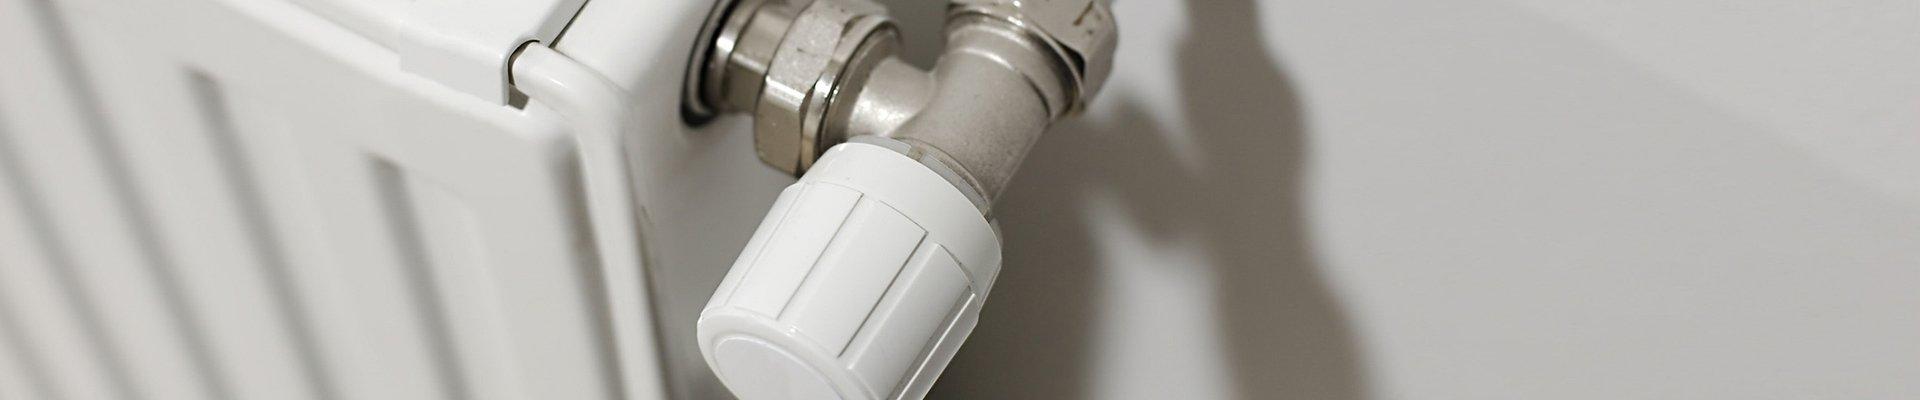 Plumbing taps